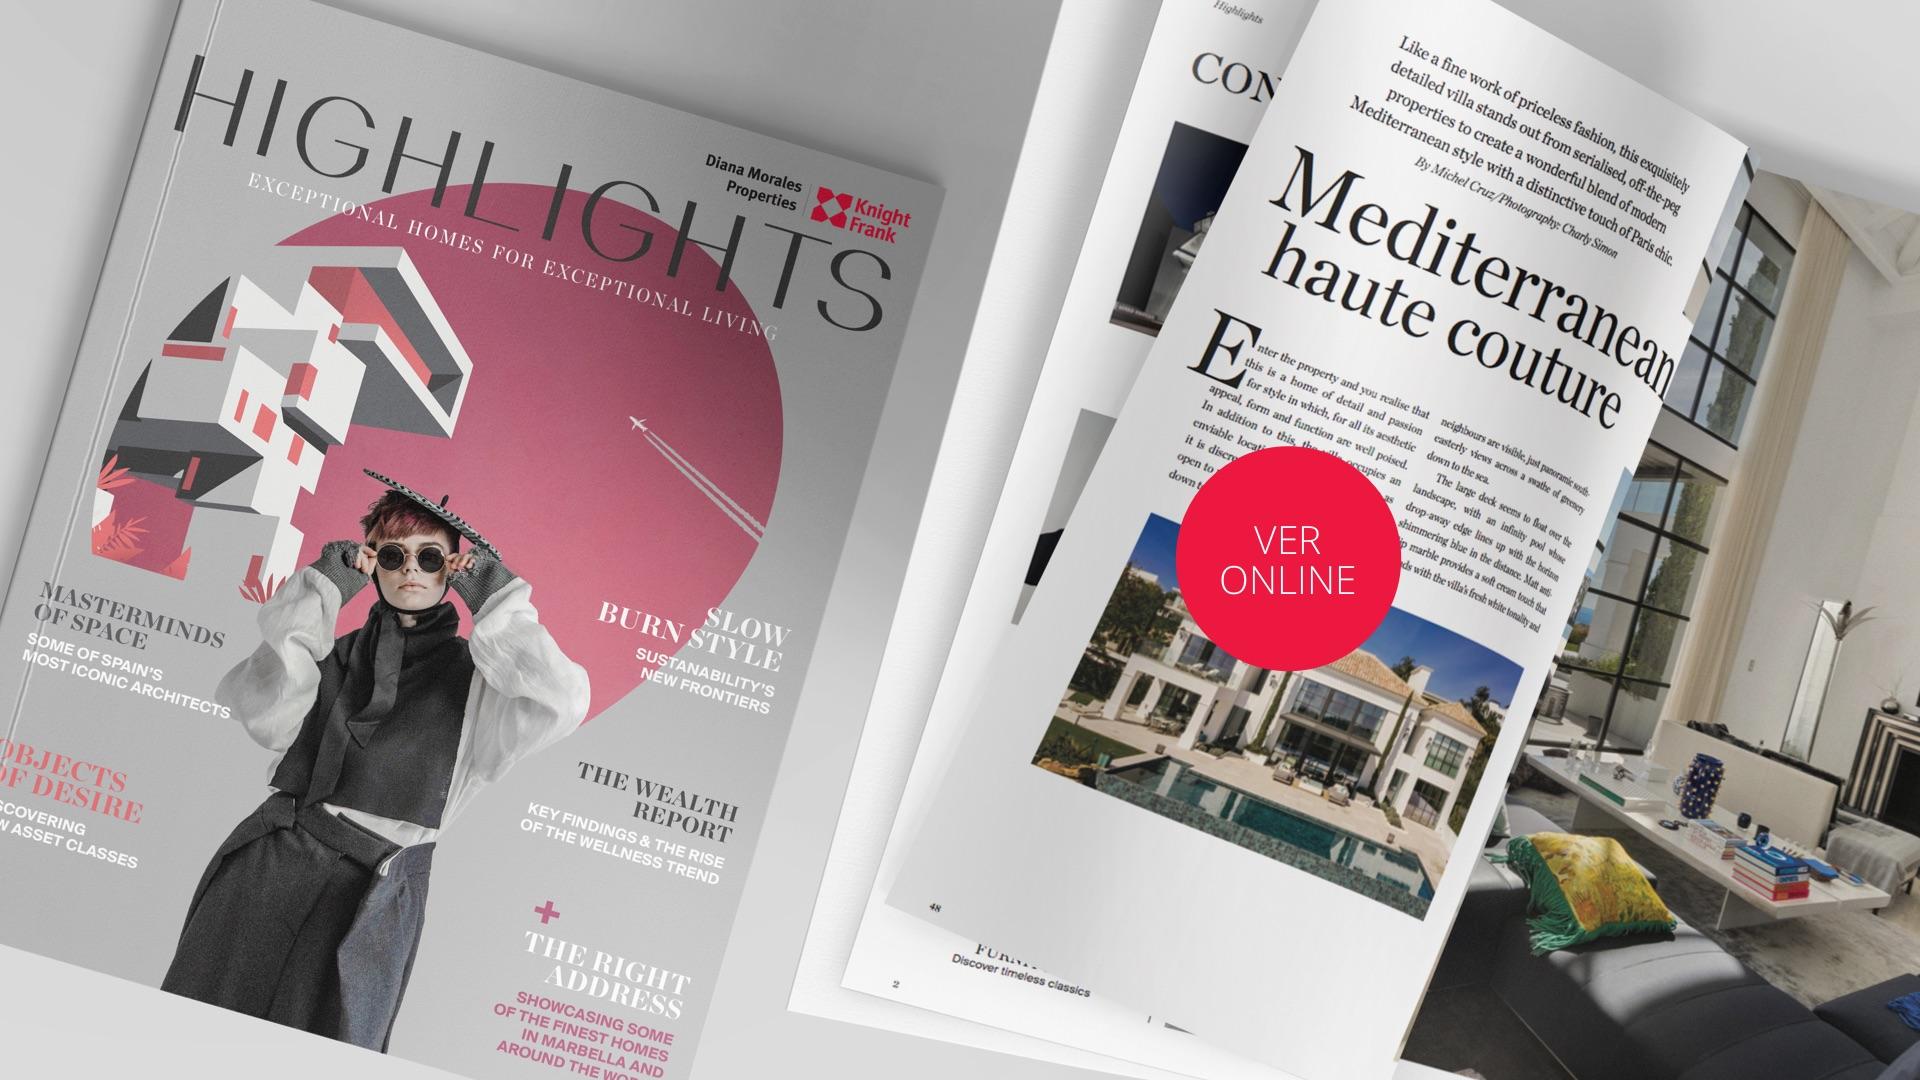 Hightlight 2020, revista inmobiliaria de lujo y estilo de vida de Marbella